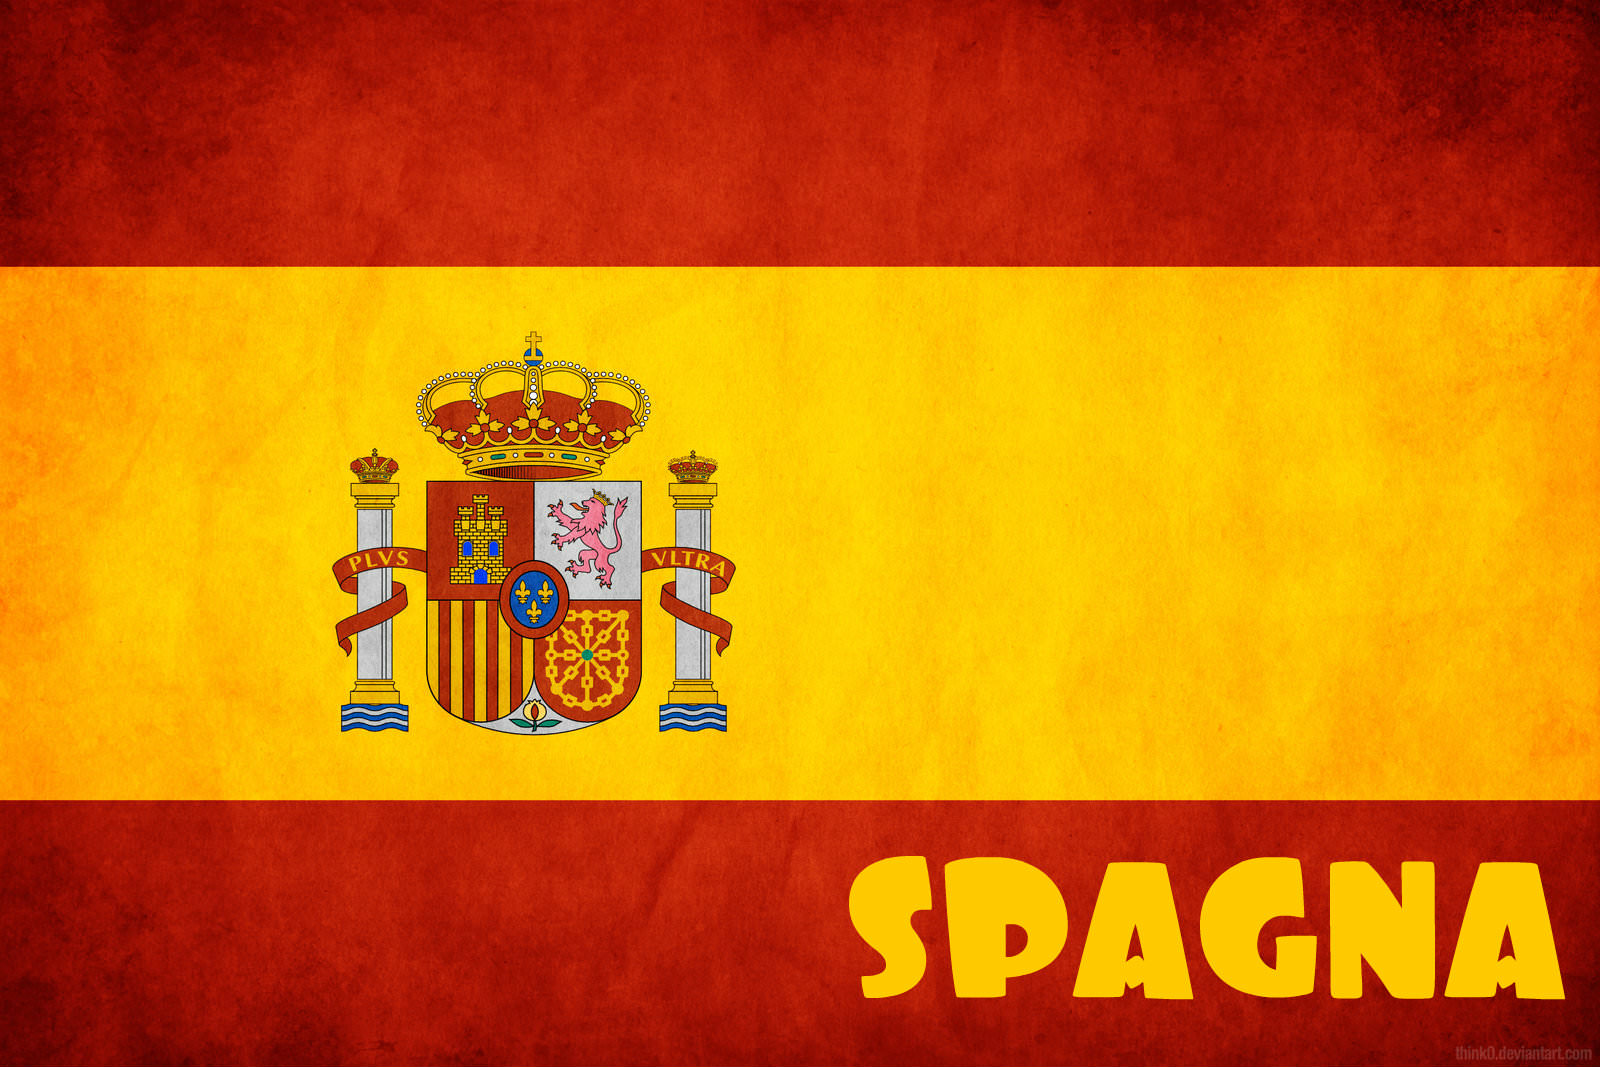 Spagna logo